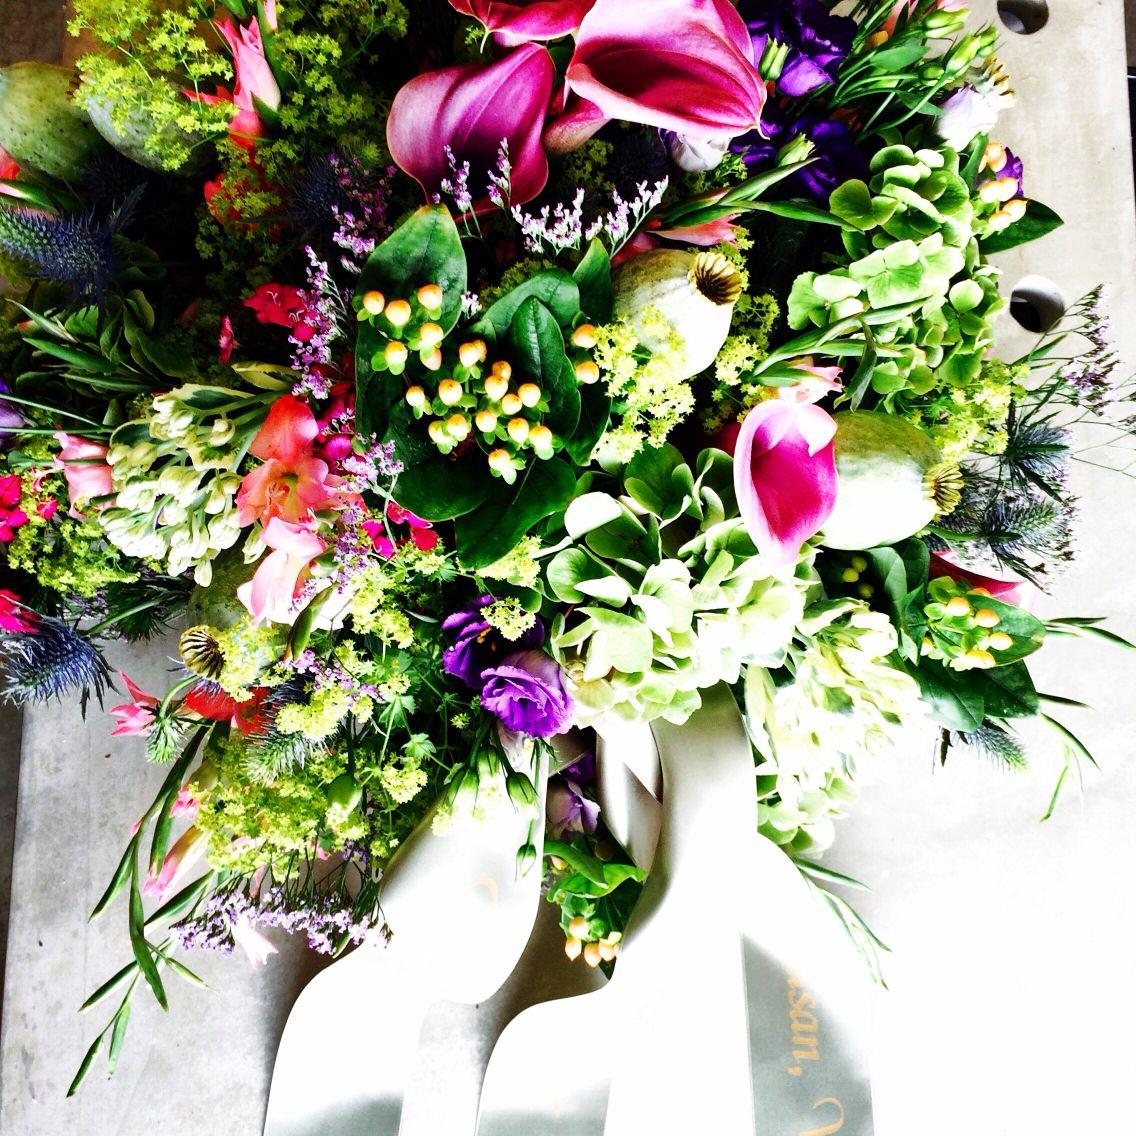 Als er een dierbaar persoon in je leven weg valt bestel dan bij mij het rouwbloemwerk 06-29082882 #afscheid #uitvaart #emotions